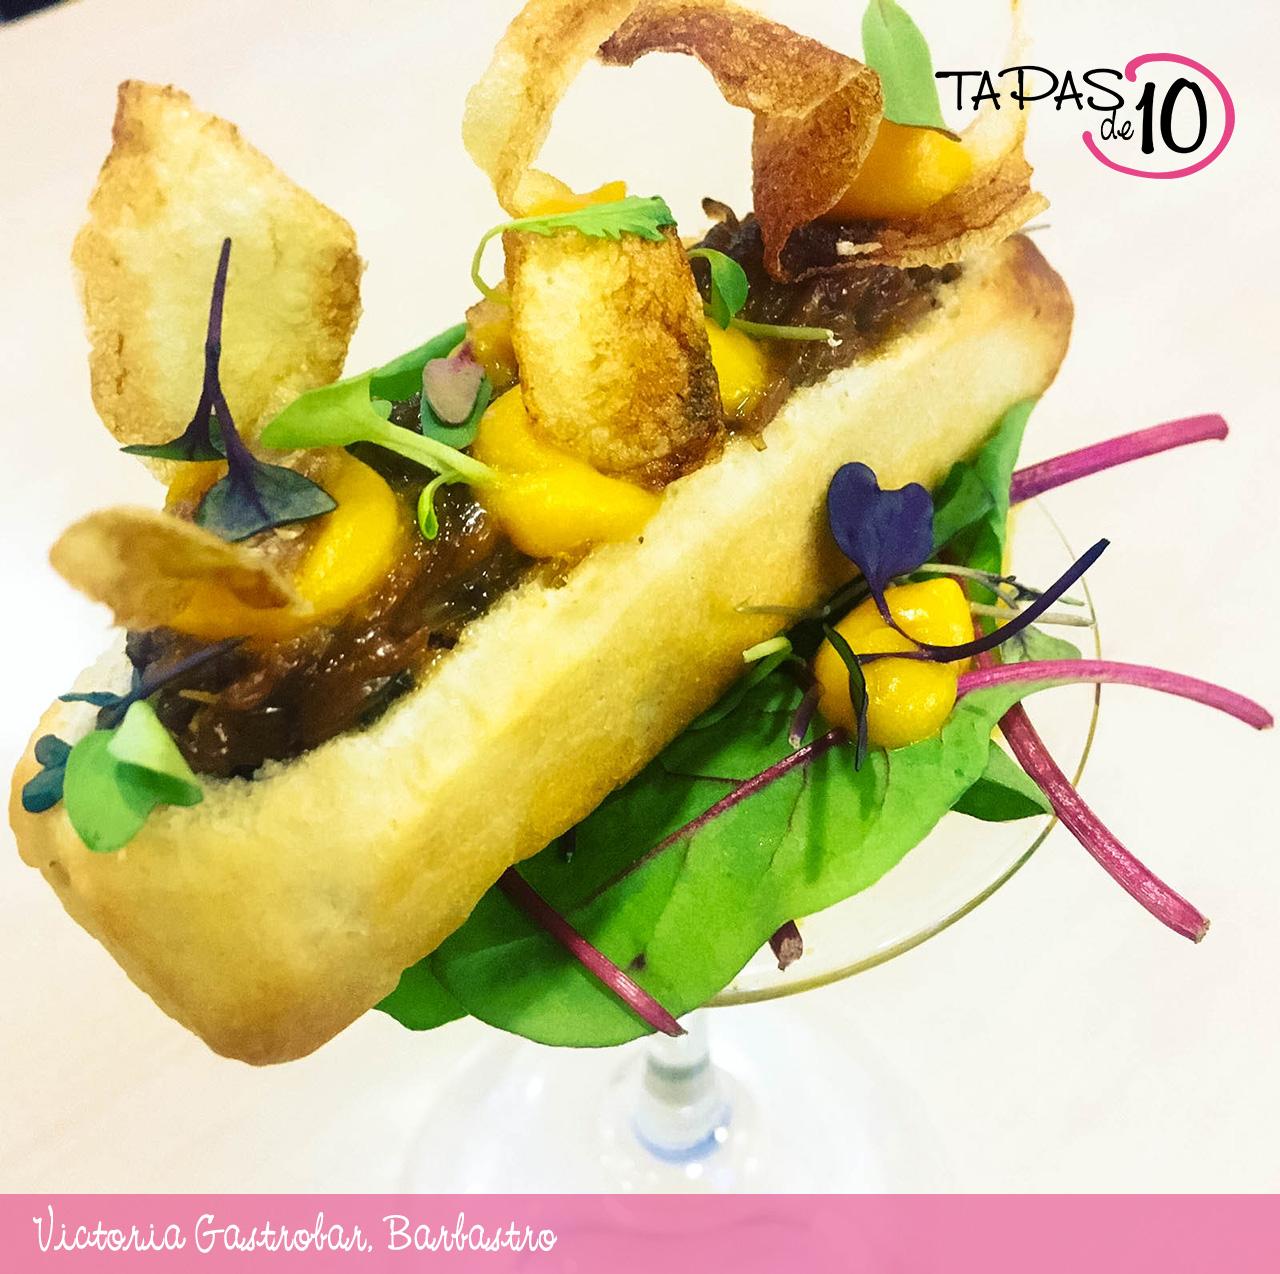 El Hot Dog de Ternasco del Victoria Gastrobar, mejor tapa del Somontano